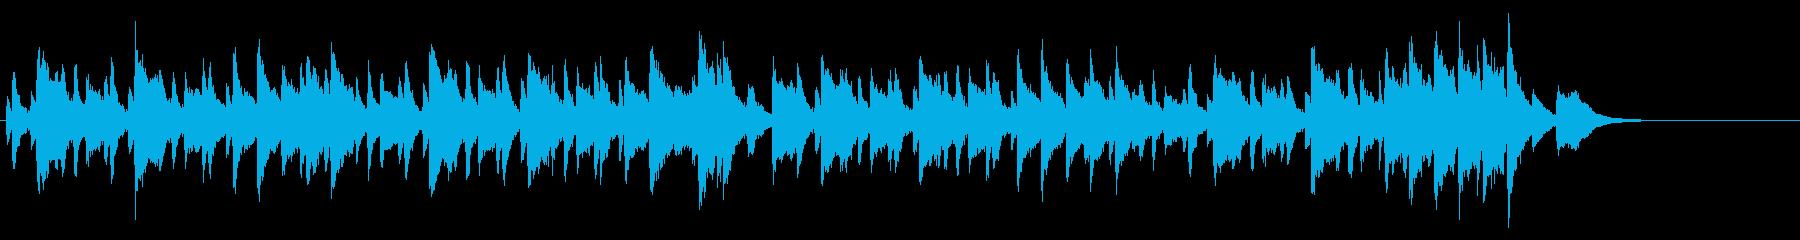 英雄的行進曲 第3番(シューベルト)の再生済みの波形